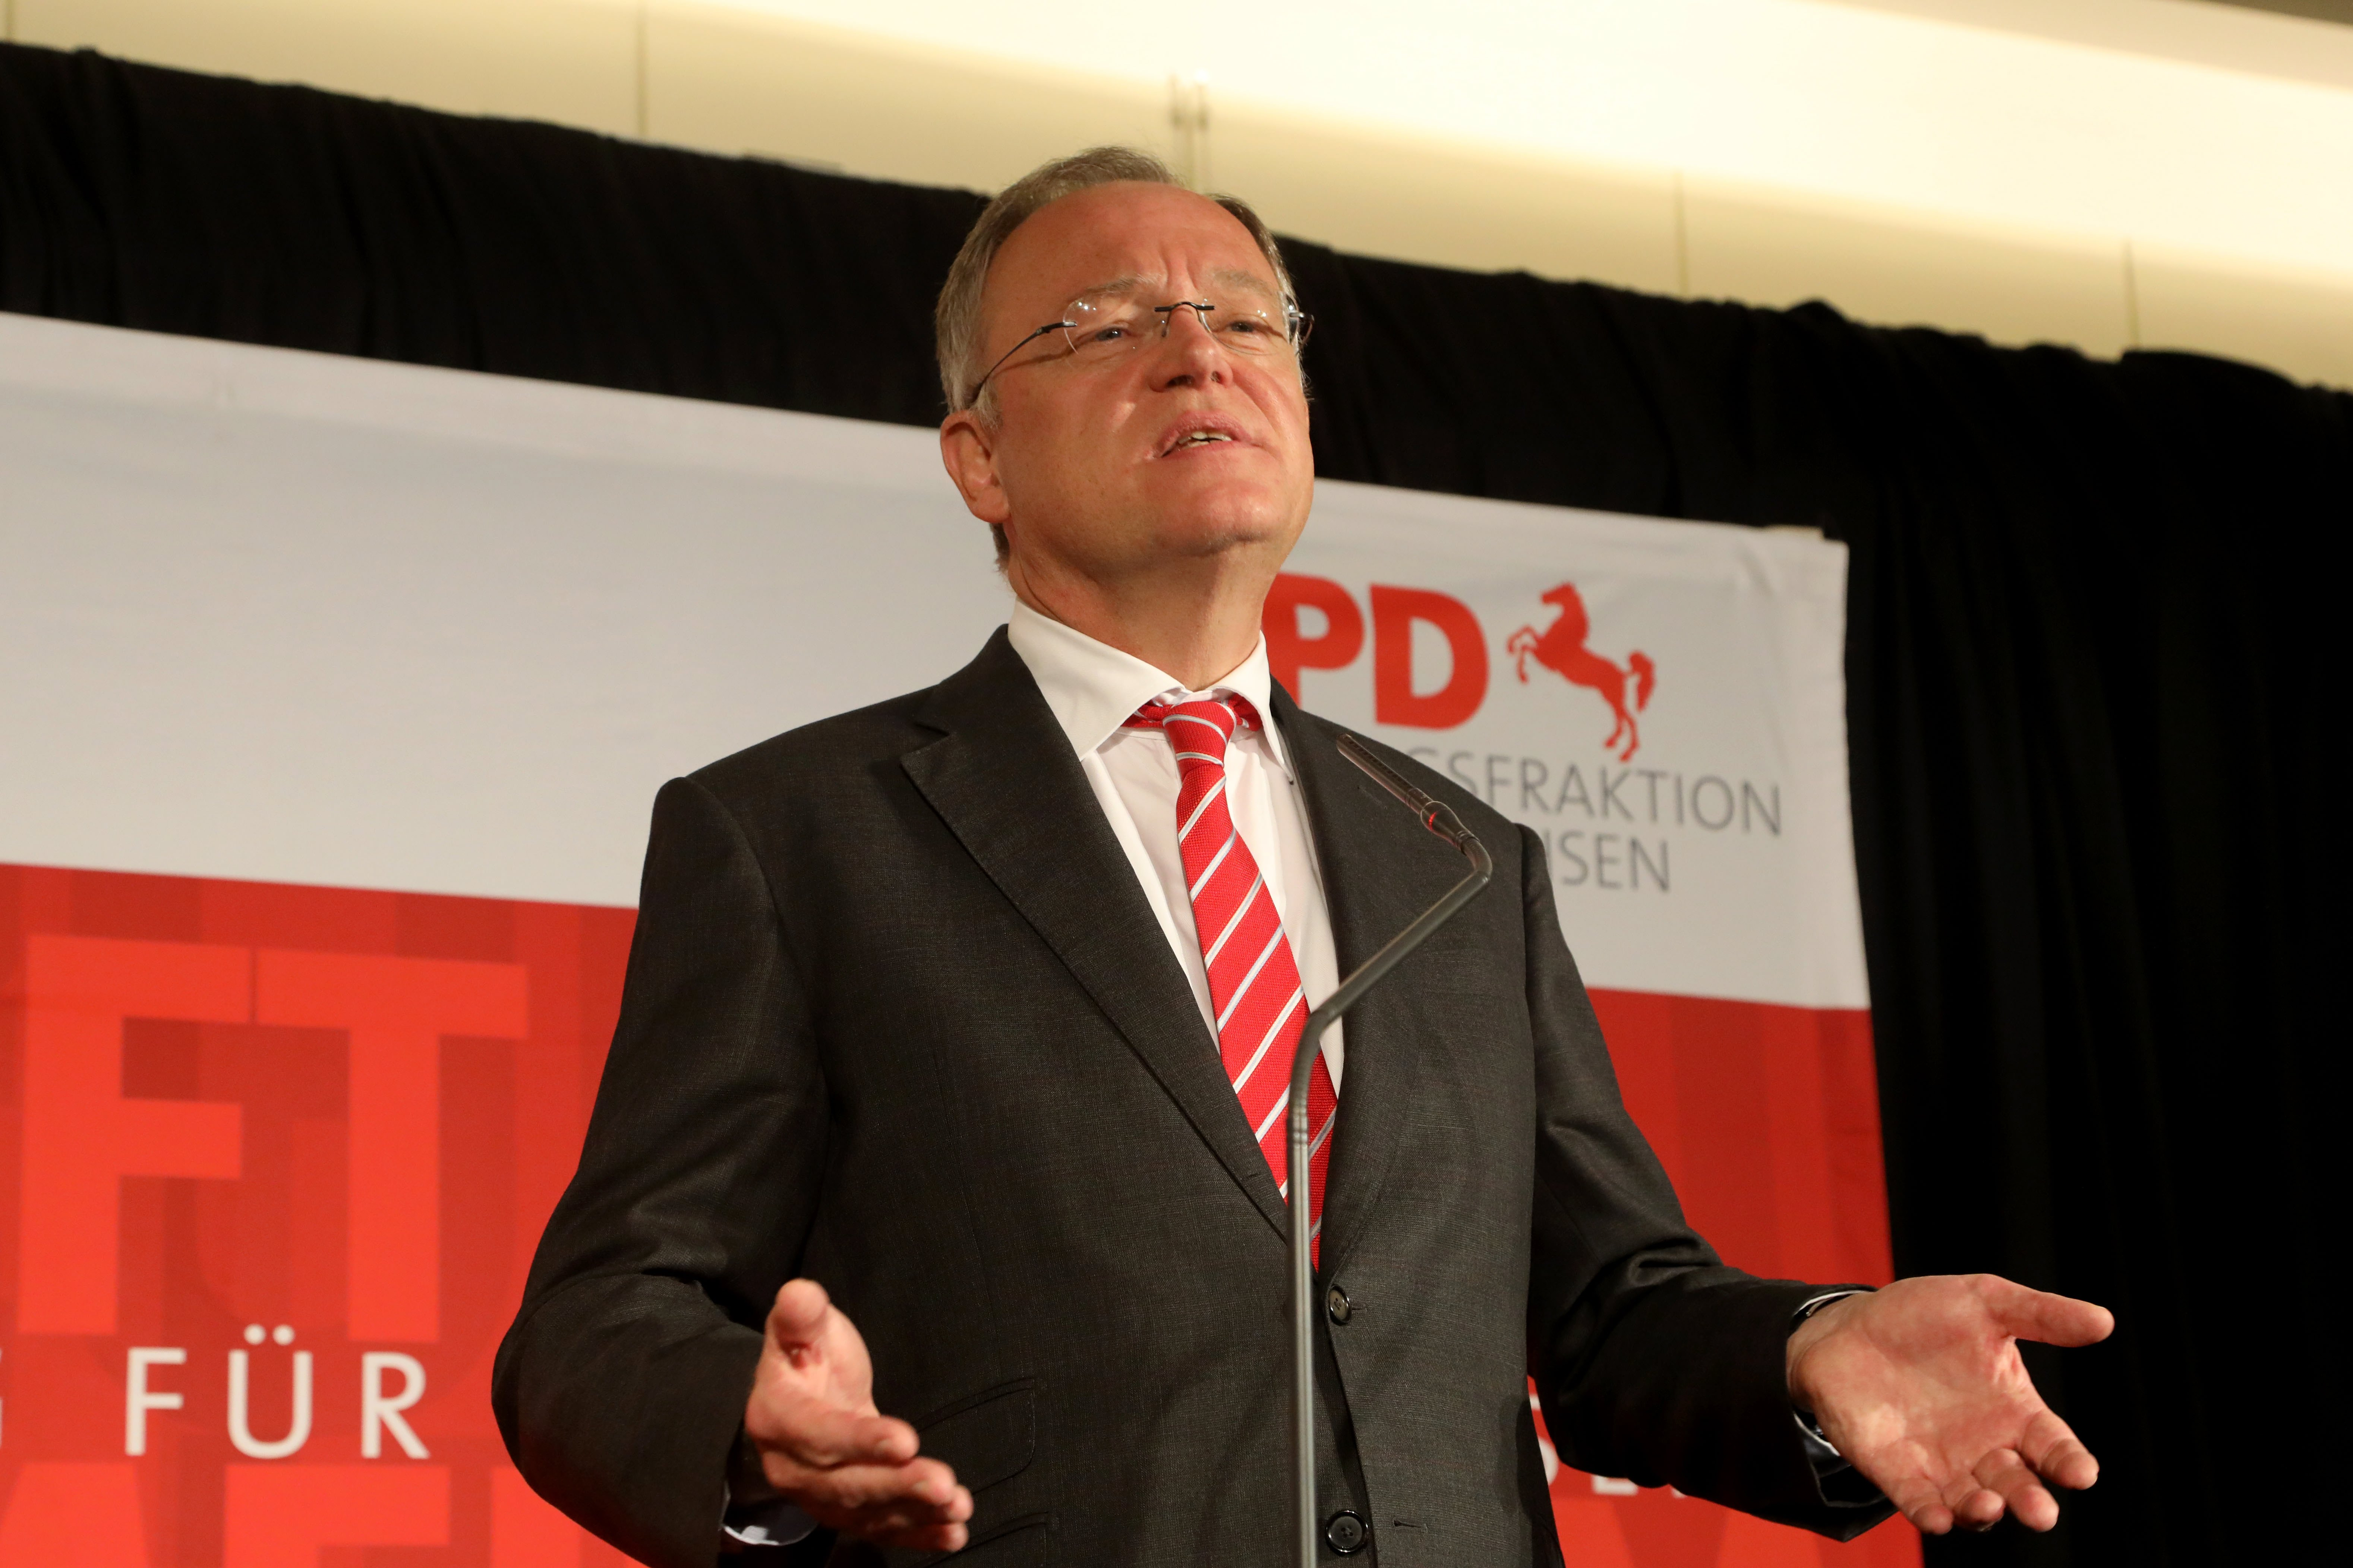 SPD pobjednik izbora u Donjoj Saskoj, Merkel oslabljena